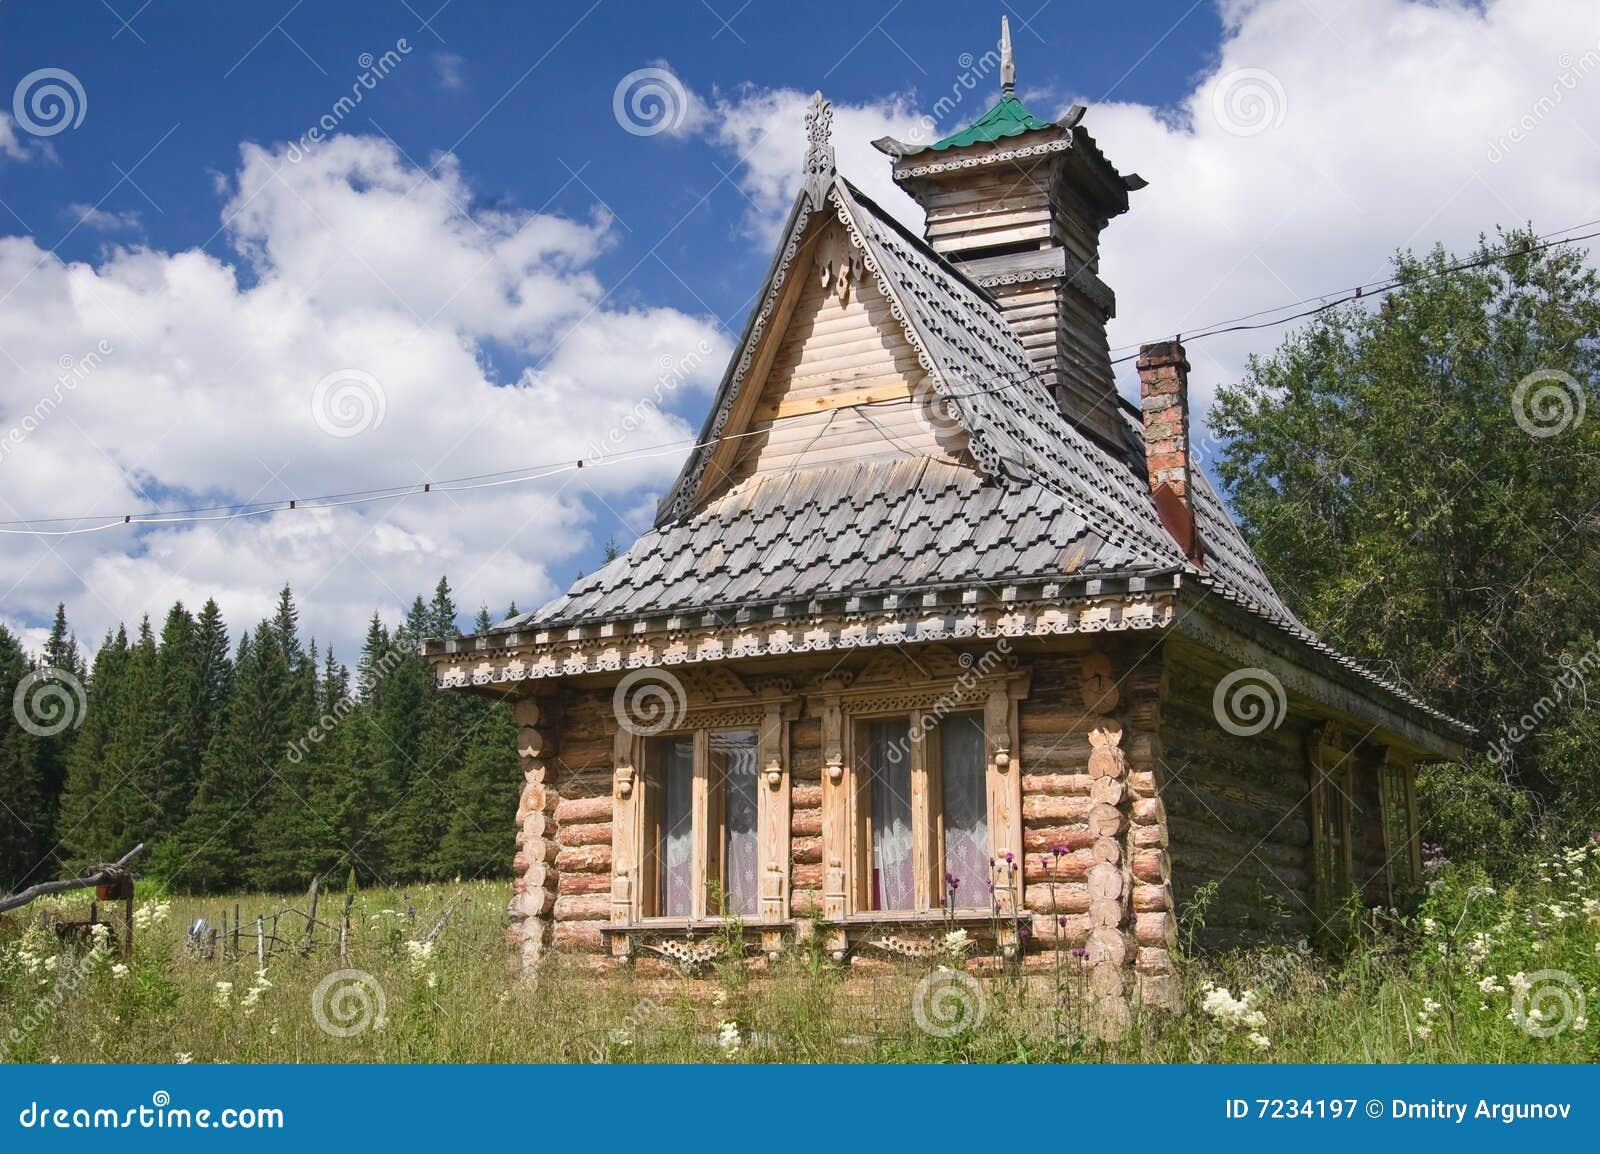 vieille maison russe image stock image du chambre brun 7234197. Black Bedroom Furniture Sets. Home Design Ideas